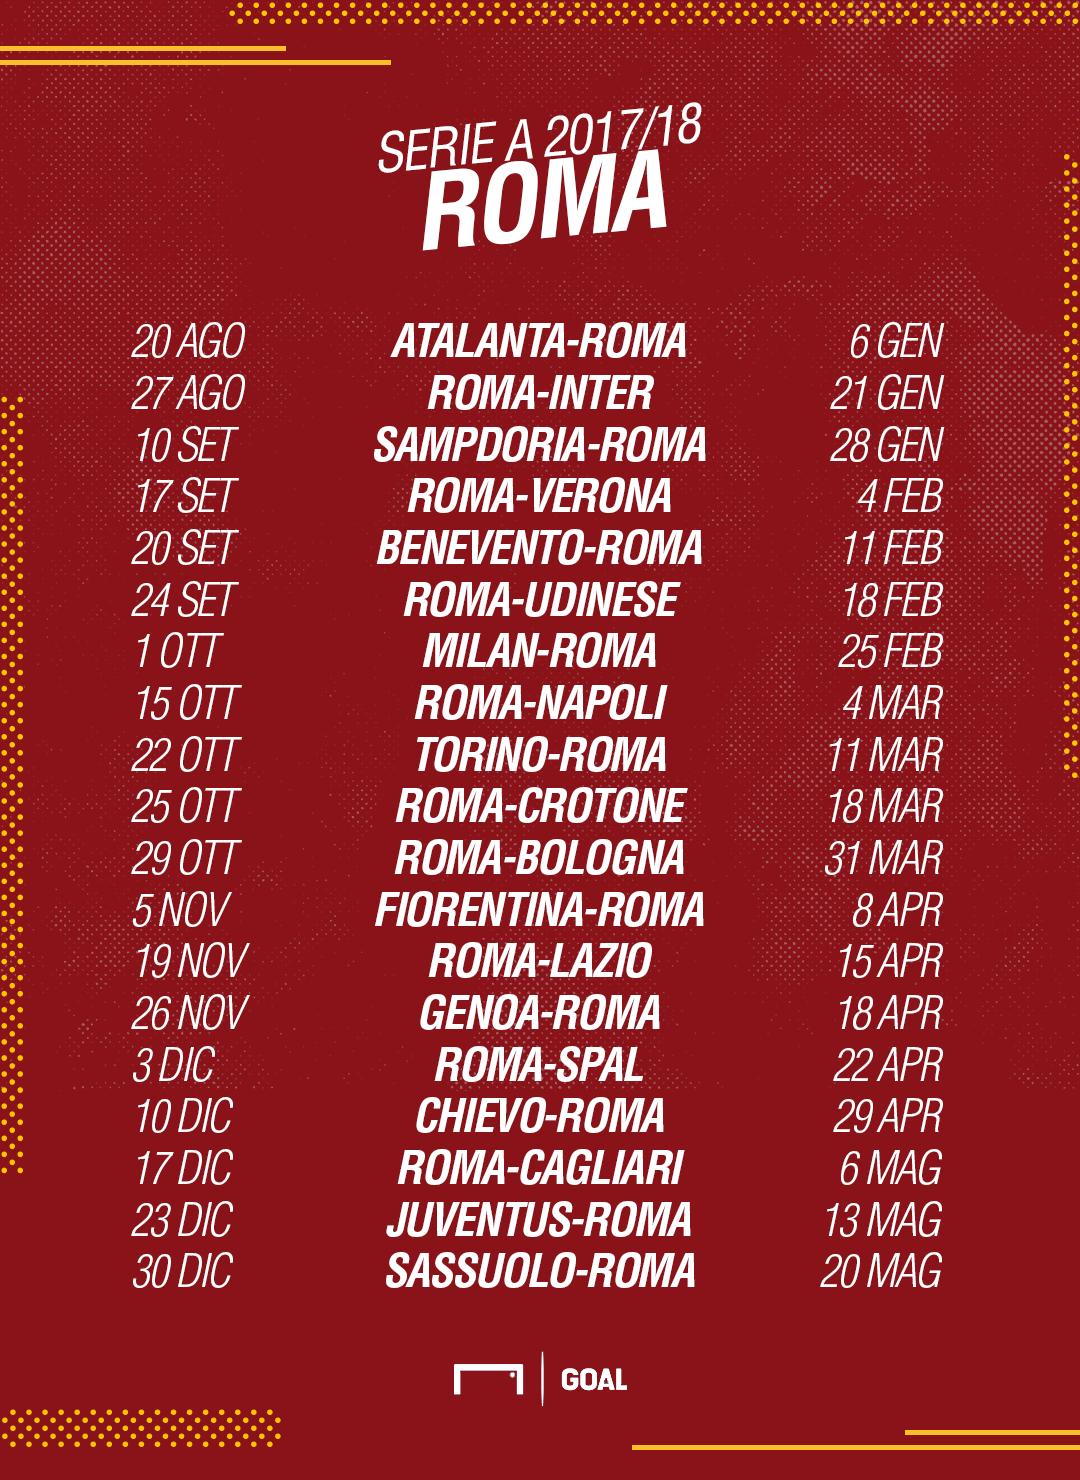 Calendario Serie A Milan Inter.Calendario Serie A Roma 2017 2018 Partite E Date Goal Com